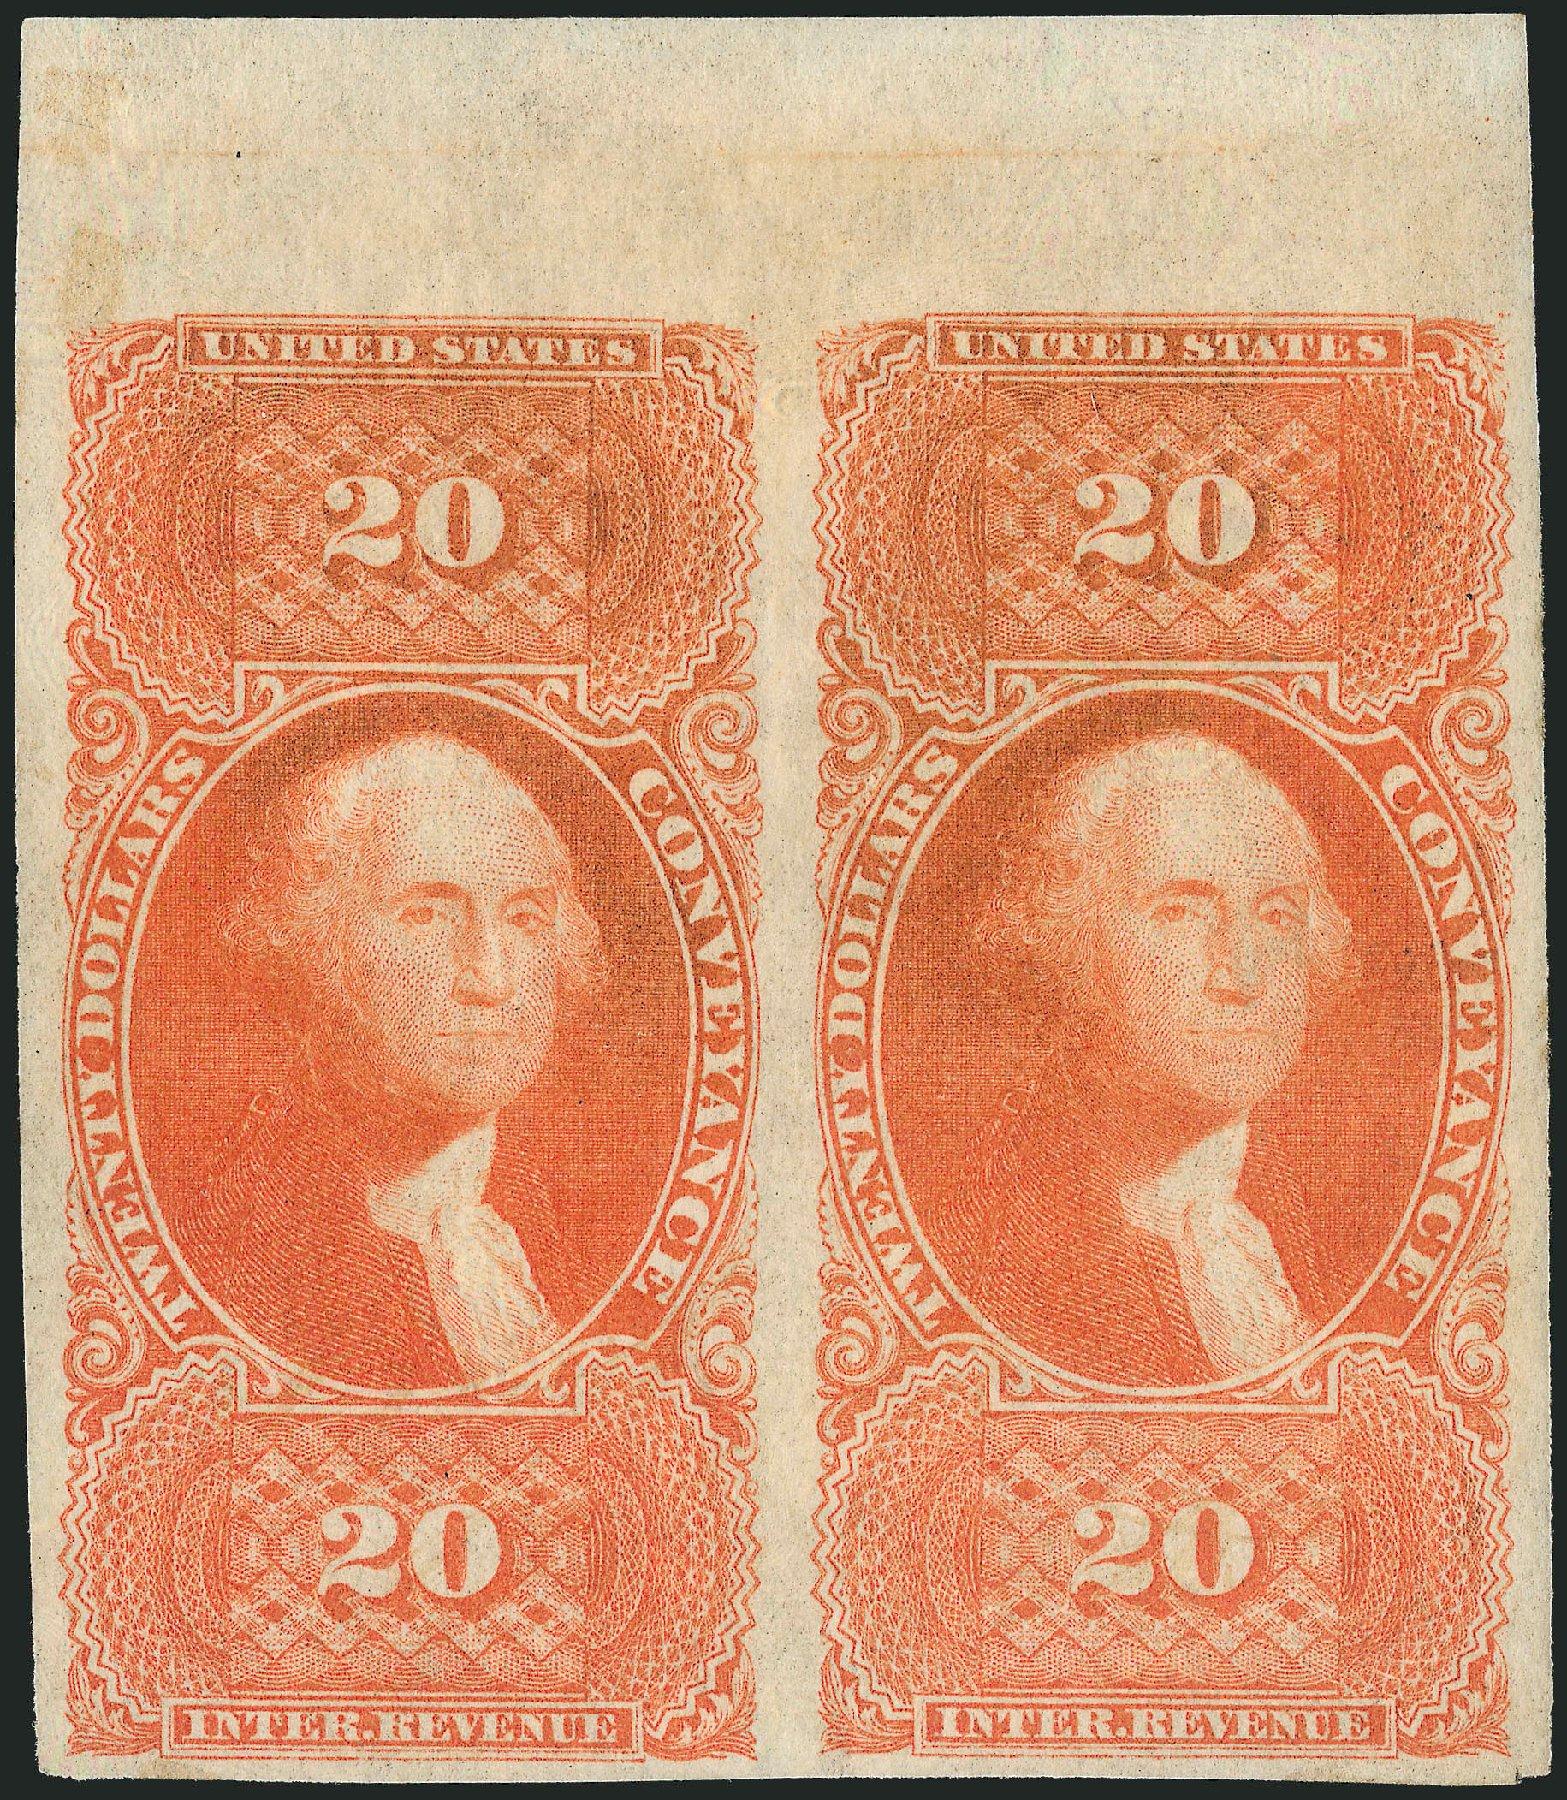 US Stamps Values Scott Catalogue # R98: US$20.00 1862 Revenue Conveyance. Robert Siegel Auction Galleries, Jun 2015, Sale 1100, Lot 165